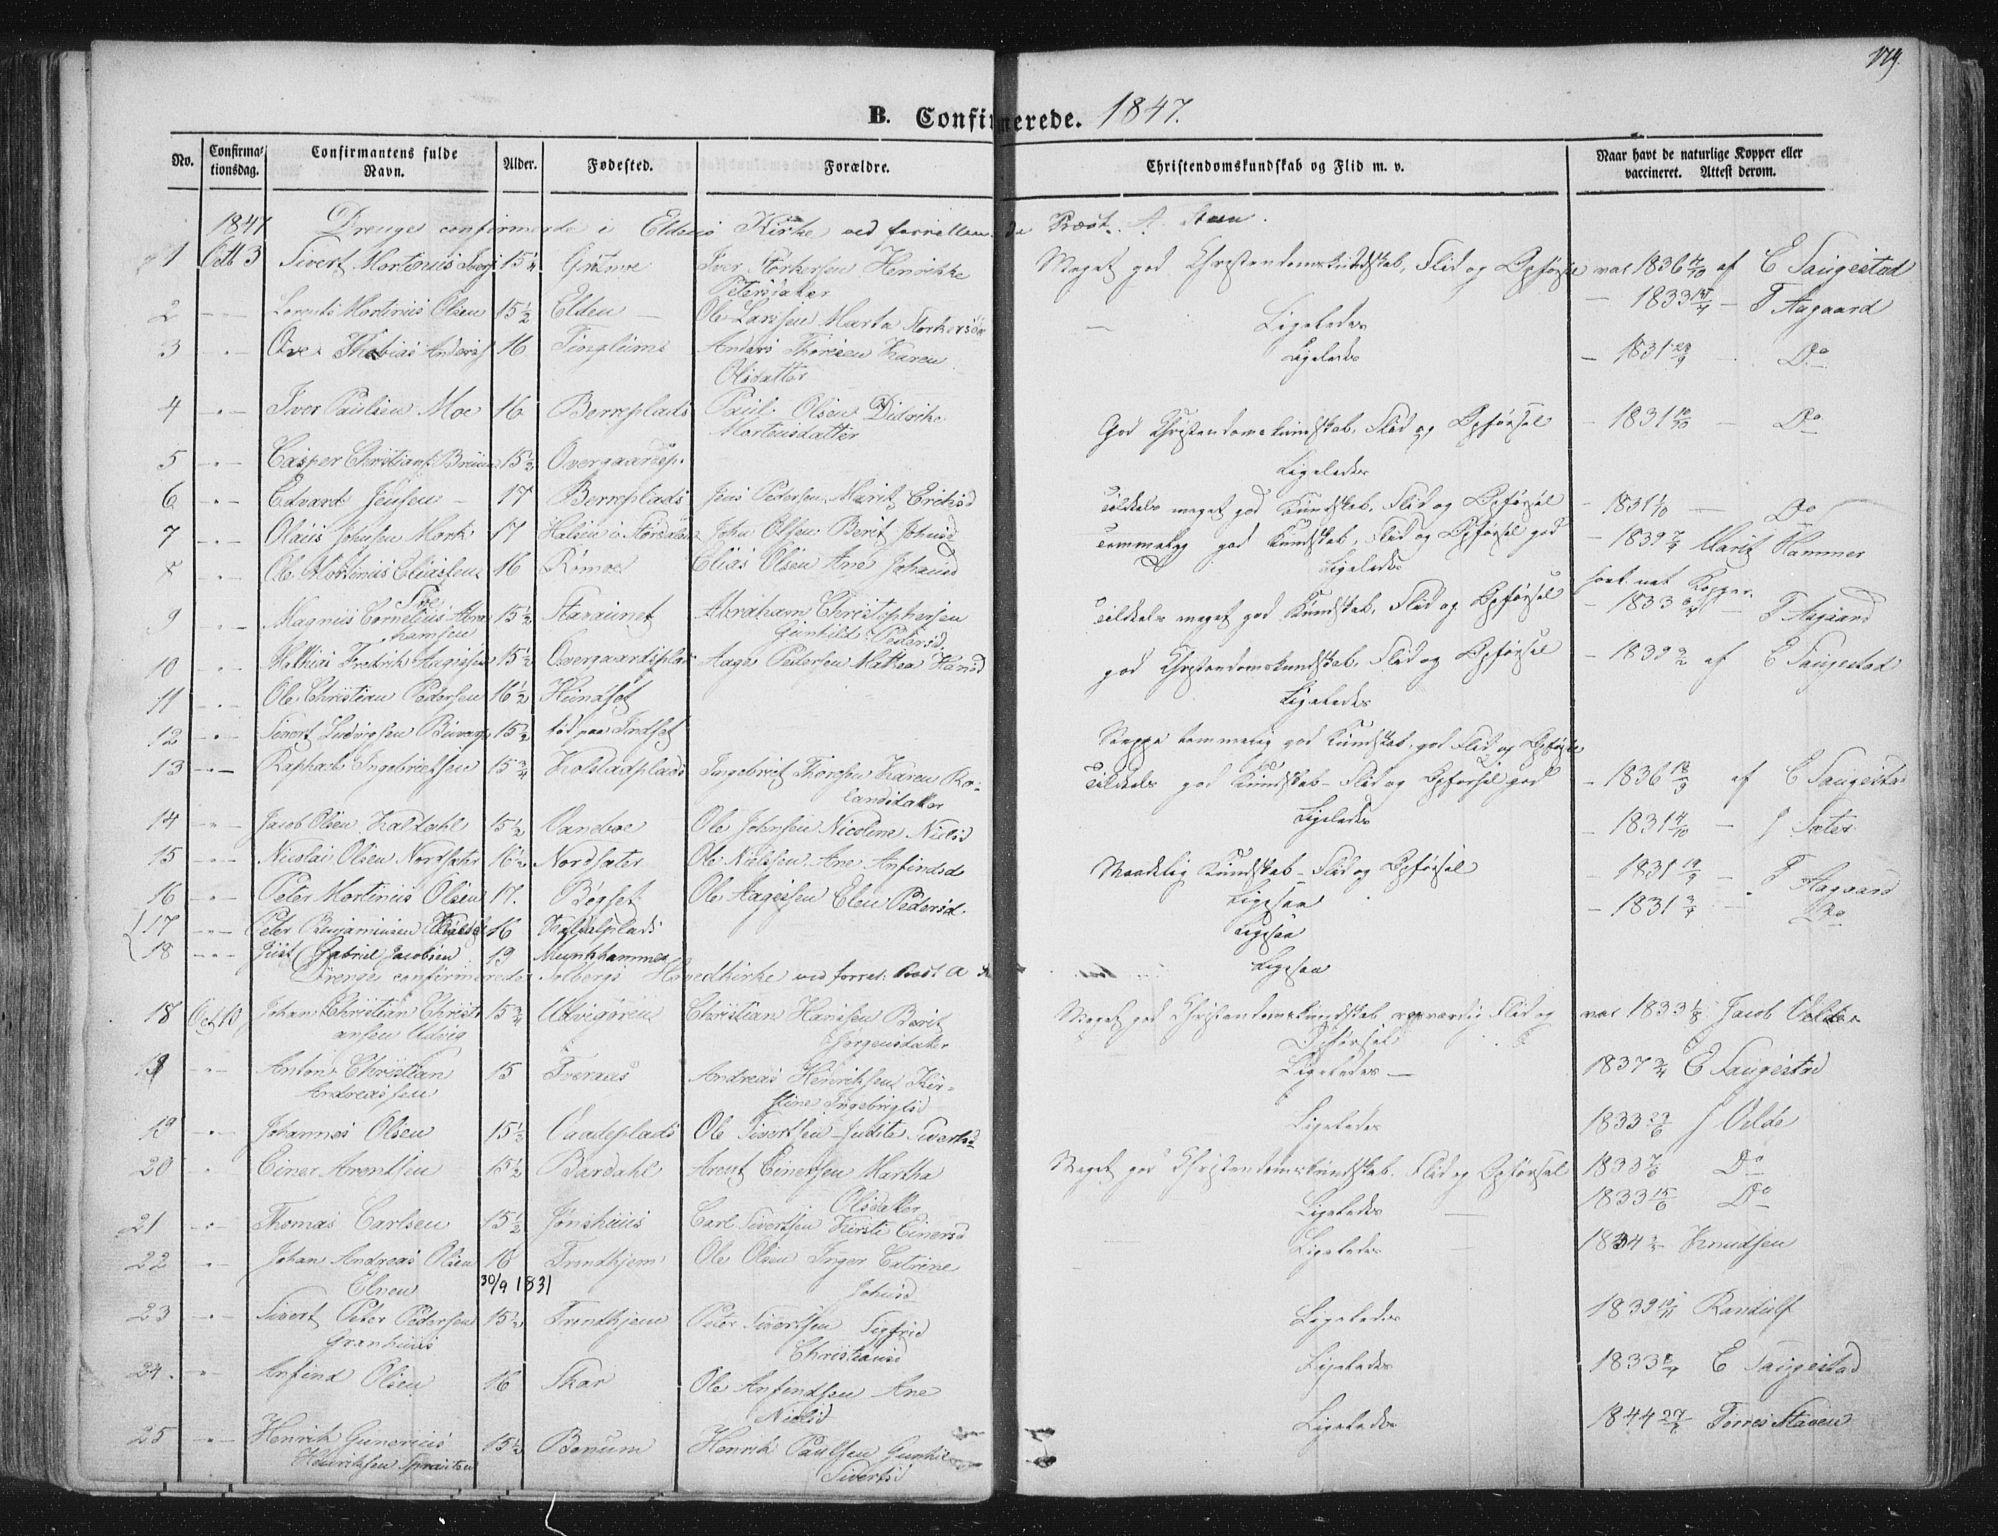 SAT, Ministerialprotokoller, klokkerbøker og fødselsregistre - Nord-Trøndelag, 741/L0392: Ministerialbok nr. 741A06, 1836-1848, s. 179